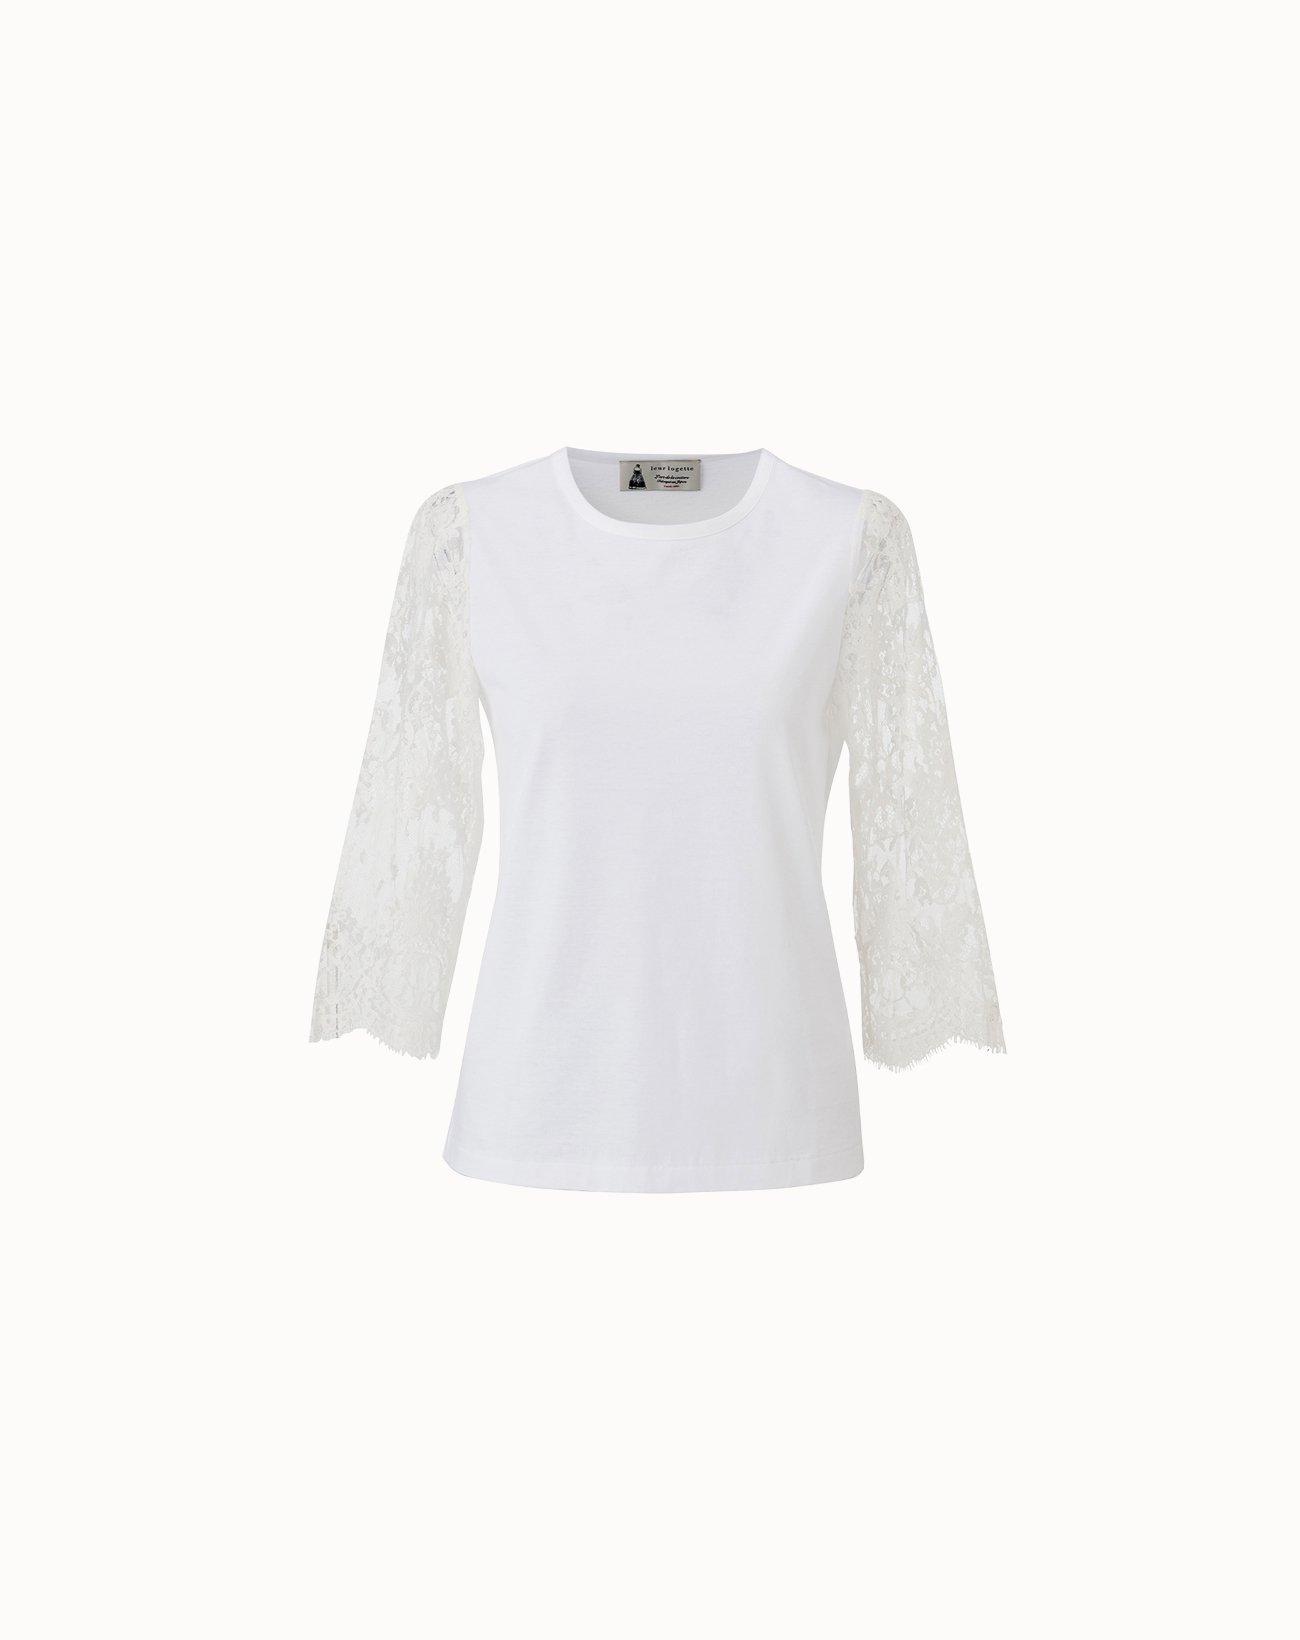 leur logette - Compact Cotton Sleeve Lace Top - White